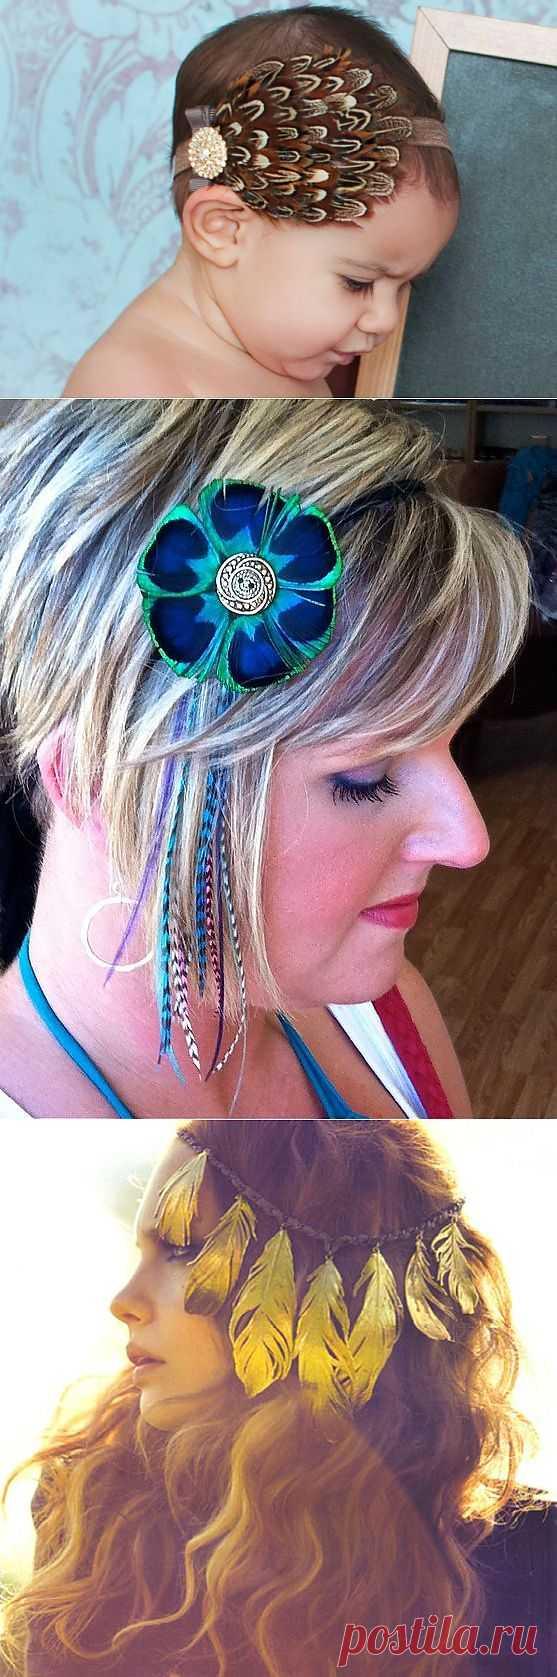 Перьевые украшения (DIY, подборка) / Украшения для волос / Модный сайт о стильной переделке одежды и интерьера